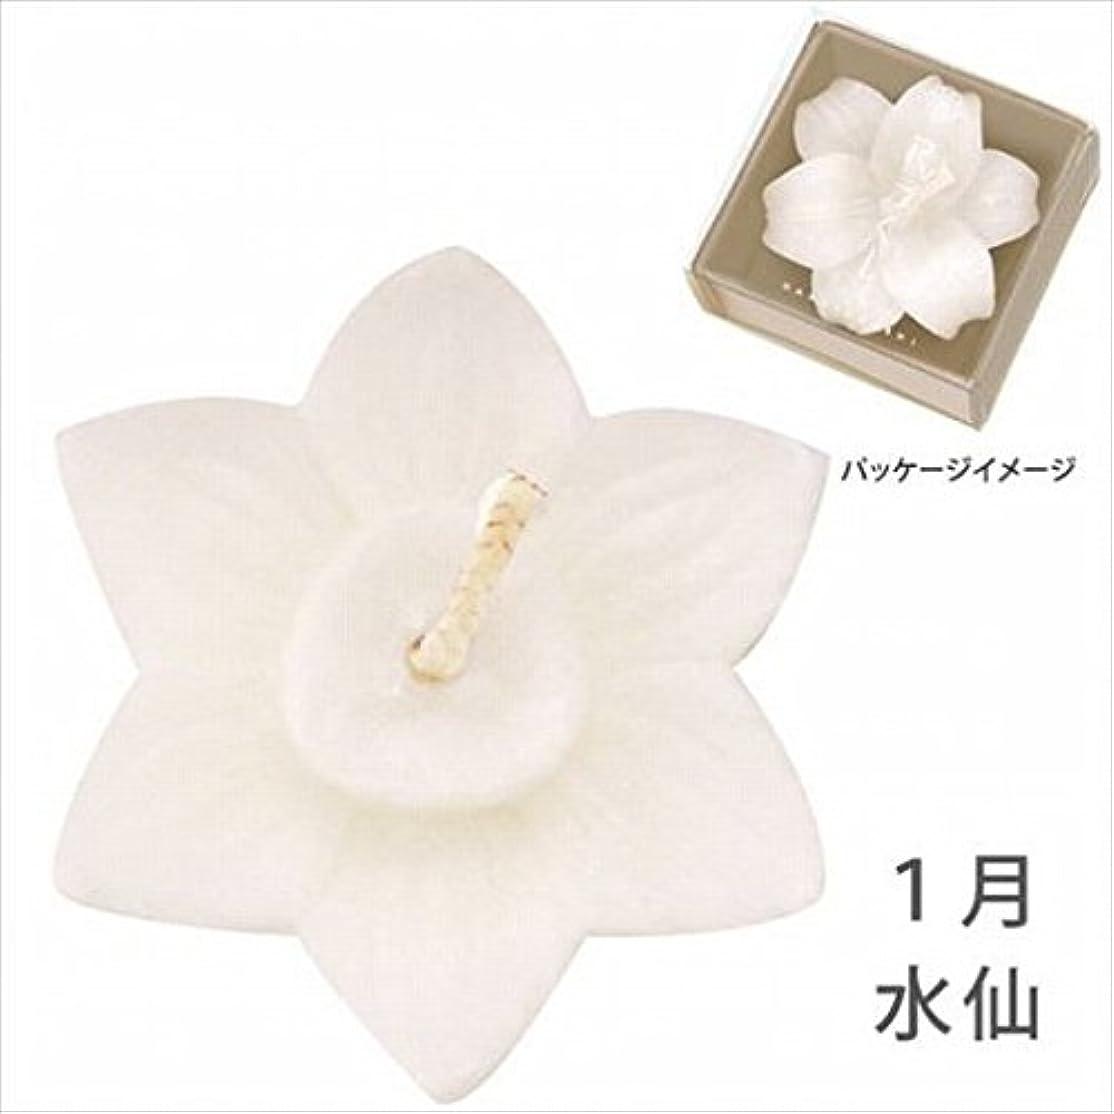 分離するむちゃくちゃ混雑kameyama candle(カメヤマキャンドル) 花づくし(植物性) 水仙 「 水仙(1月) 」 キャンドル(A4620530)